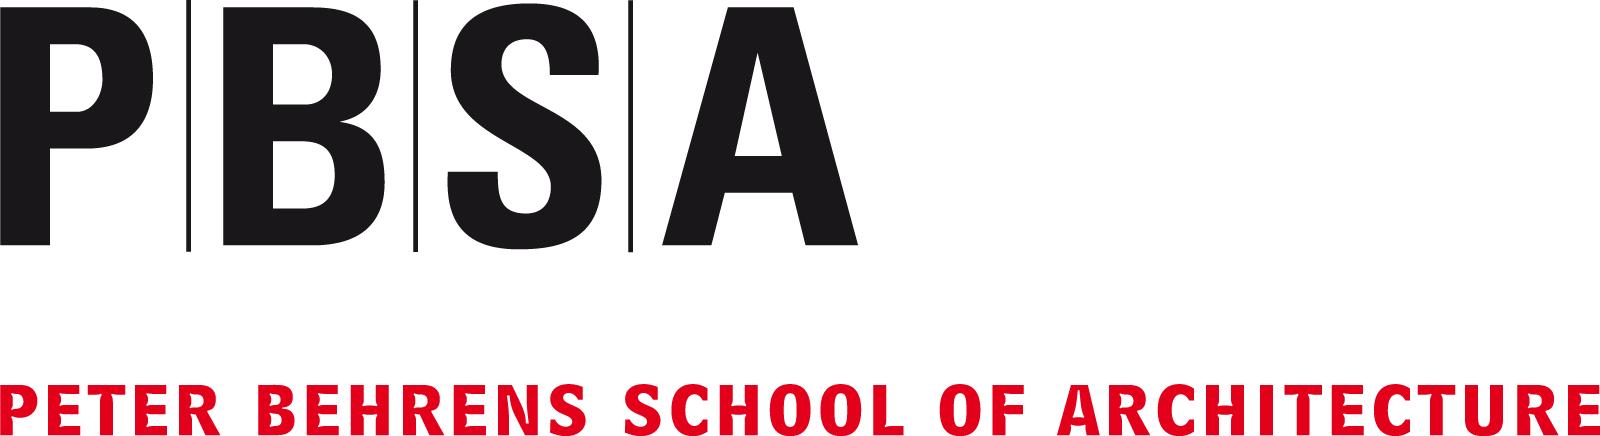 PBSA_logo